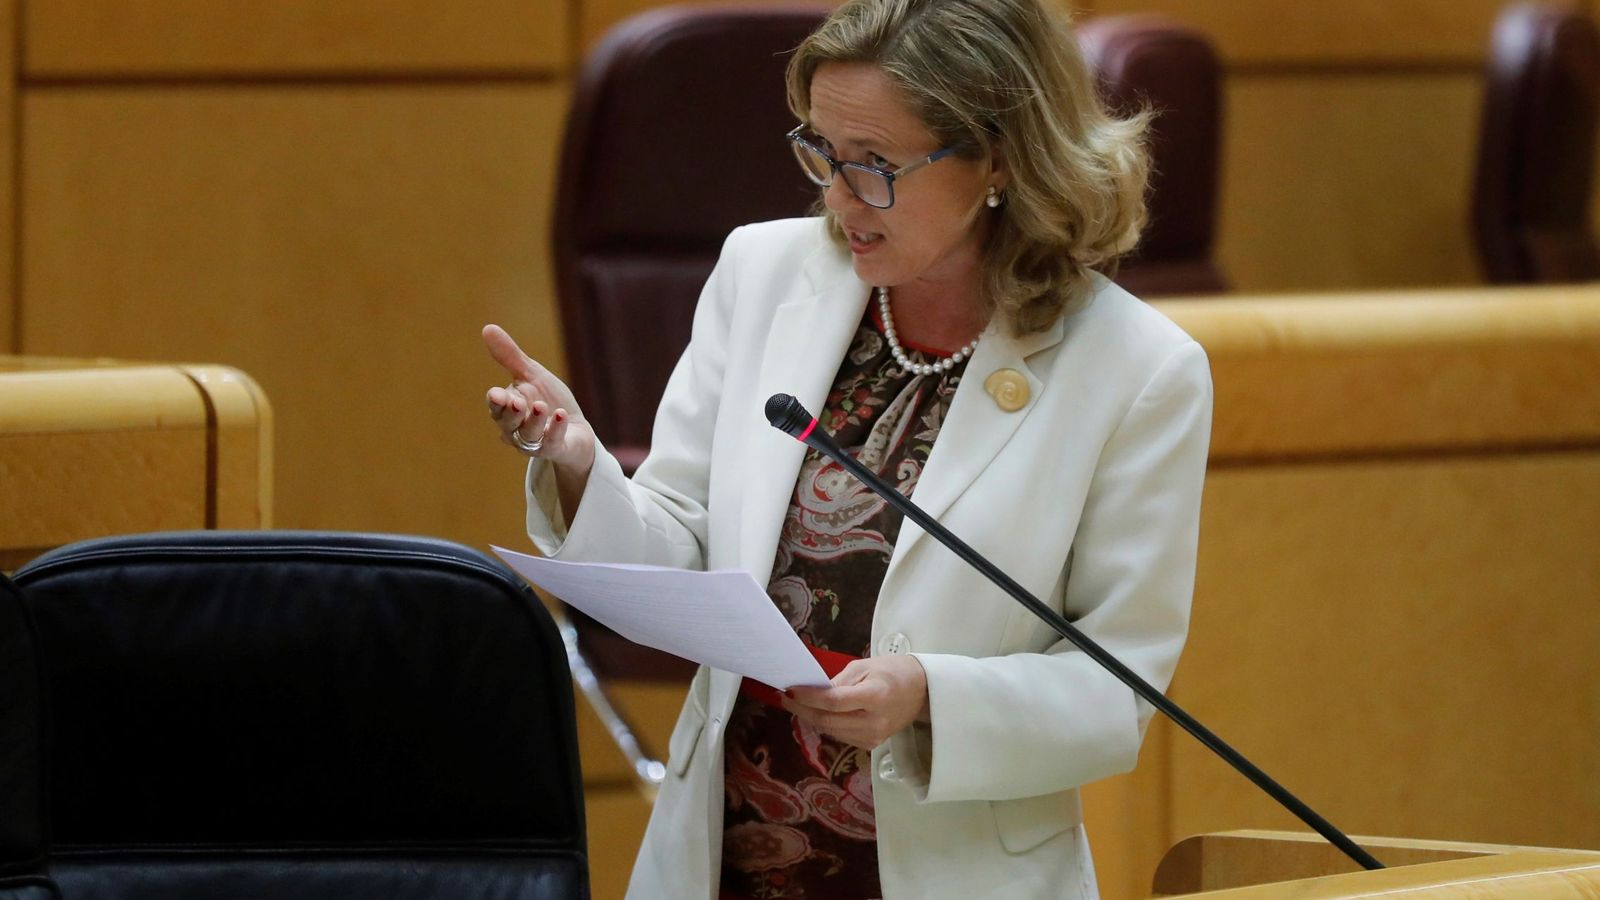 Foto: La ministra de Economía, Nadia Calviño, en el pleno del Senado. (EFE)